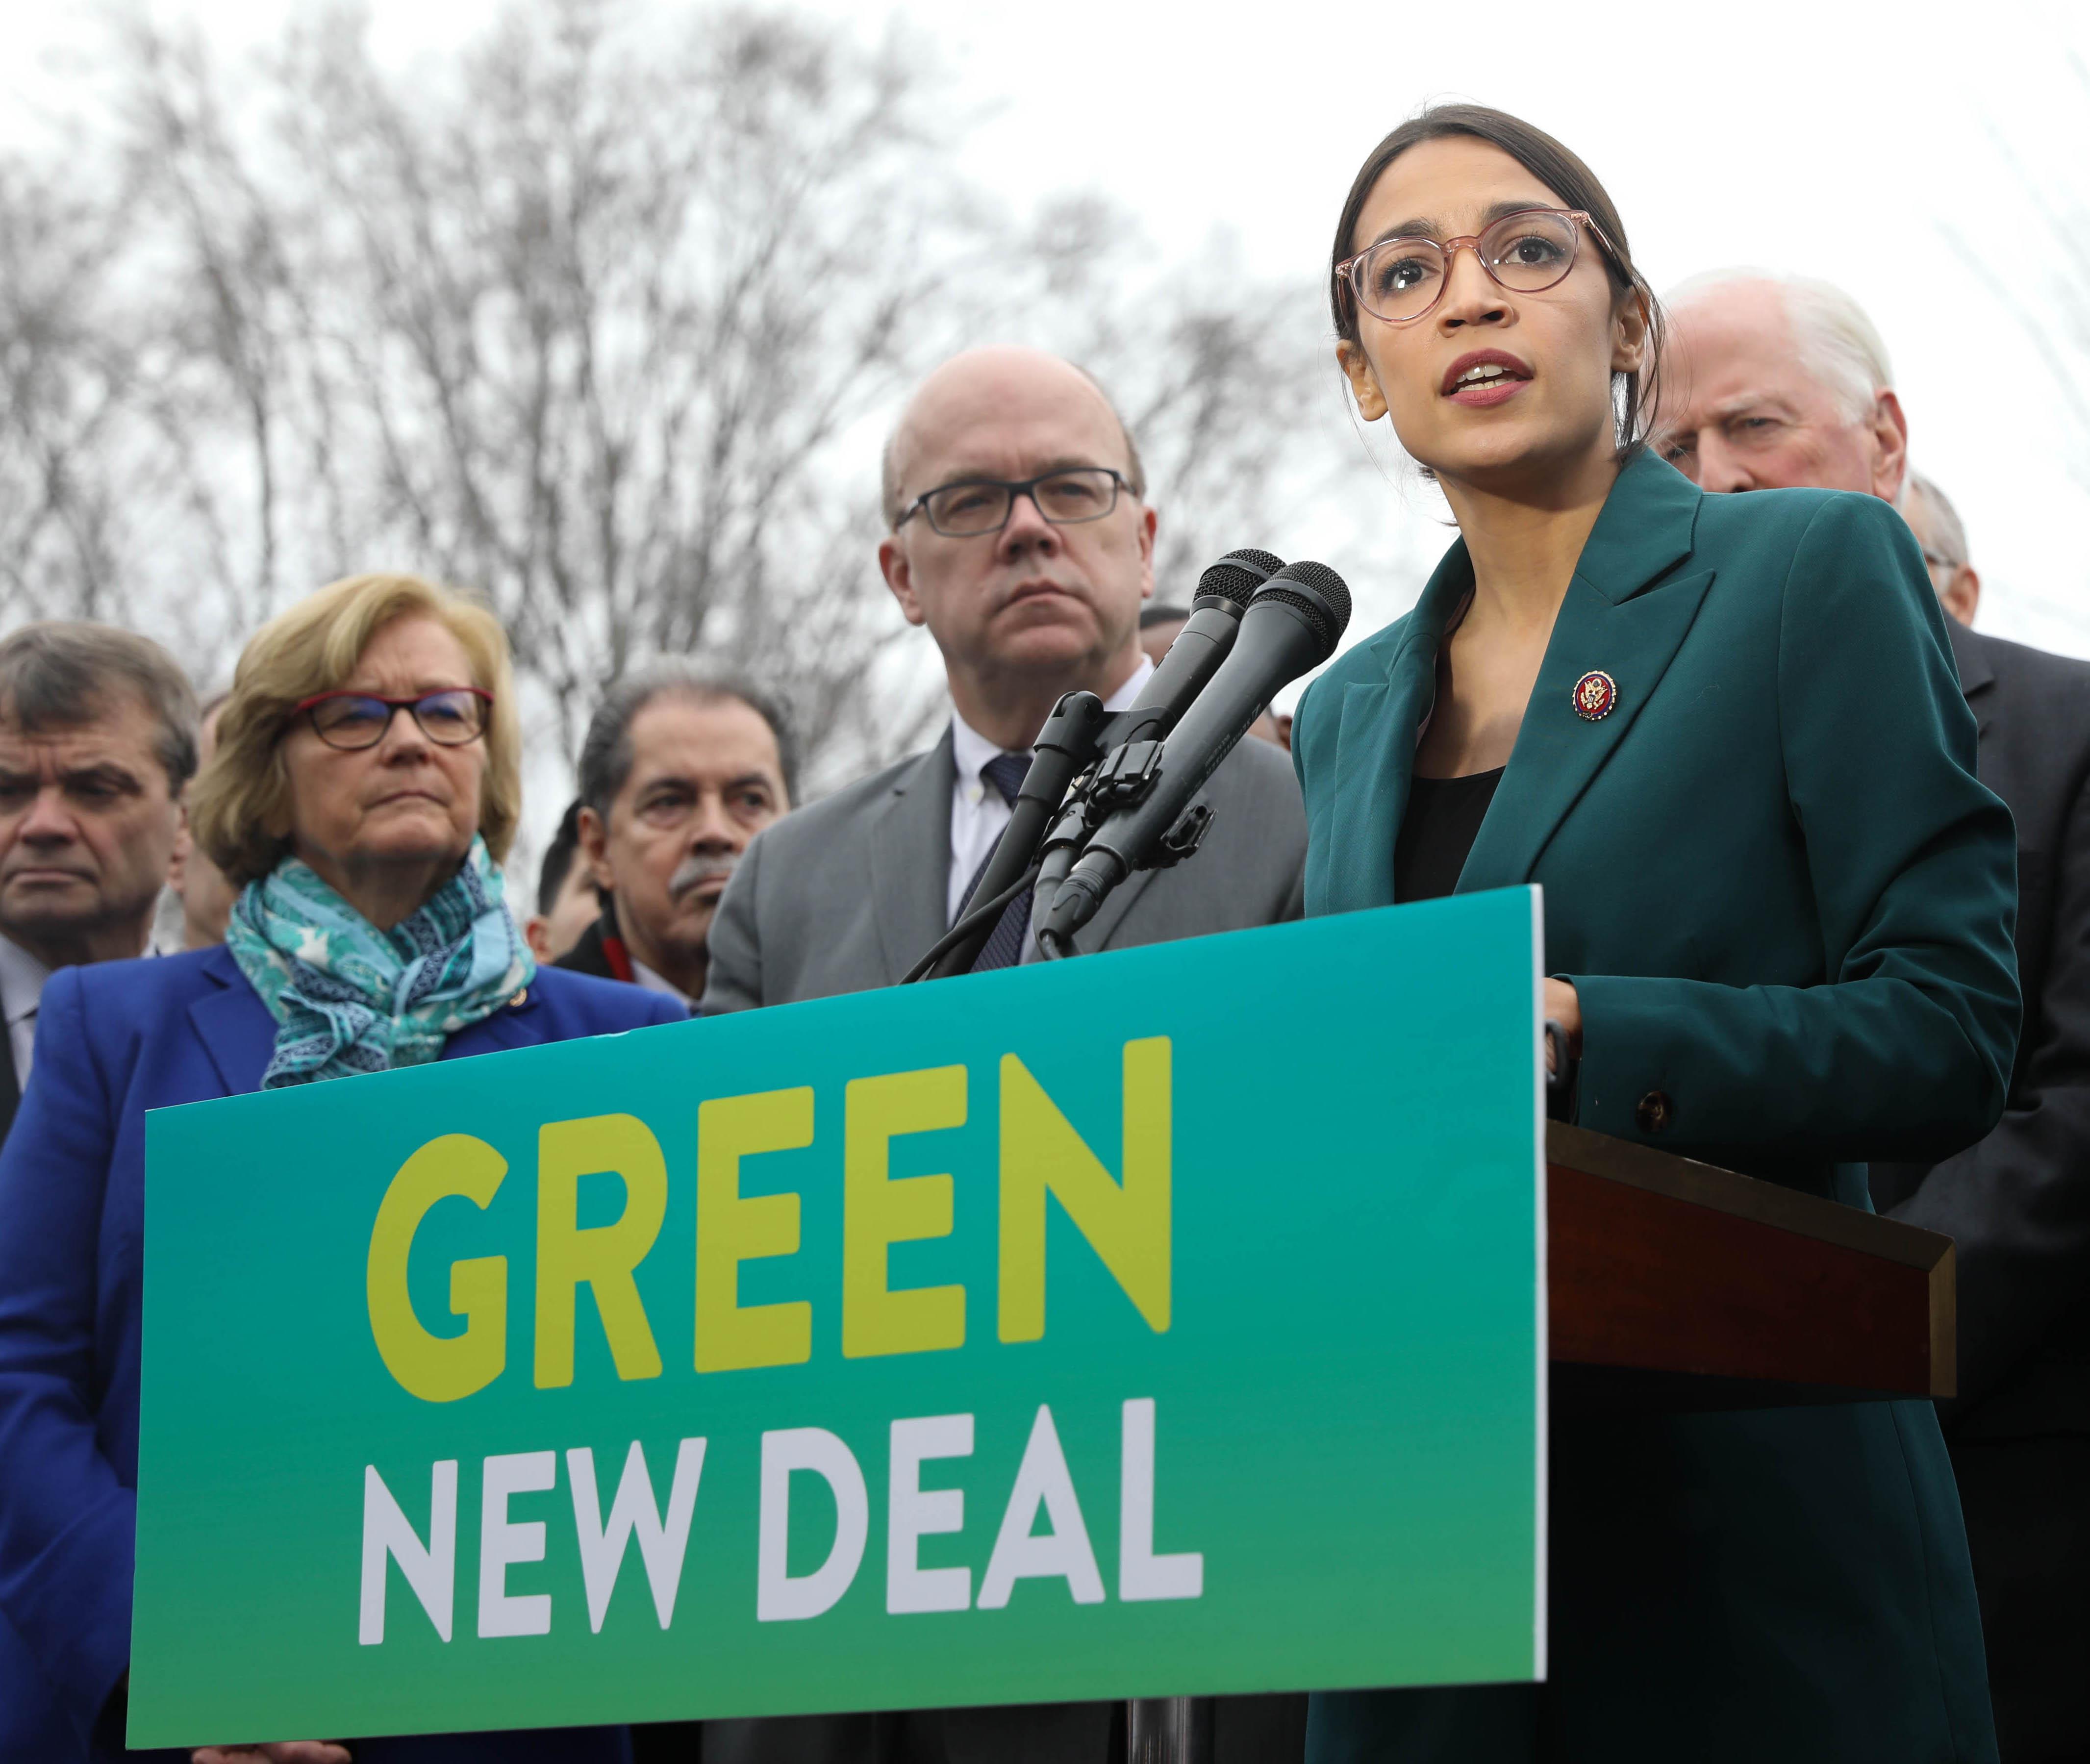 Green New Deal Presser. Courtesy: Senate Democrats/Wikimedia Commons